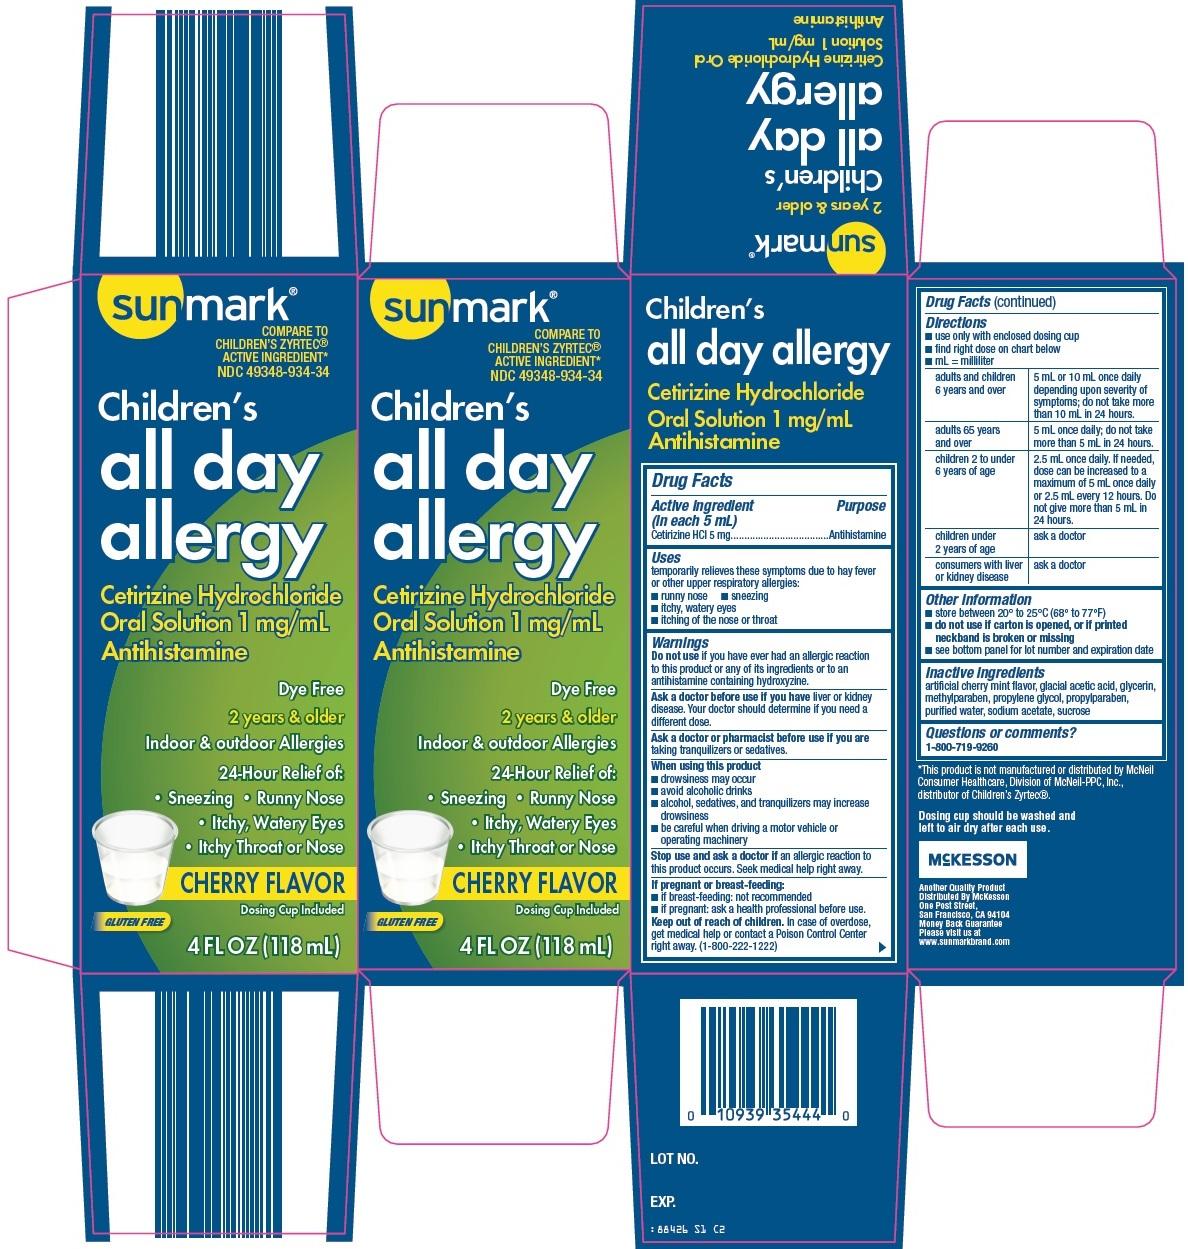 Sunmark Children's All Day Allergy